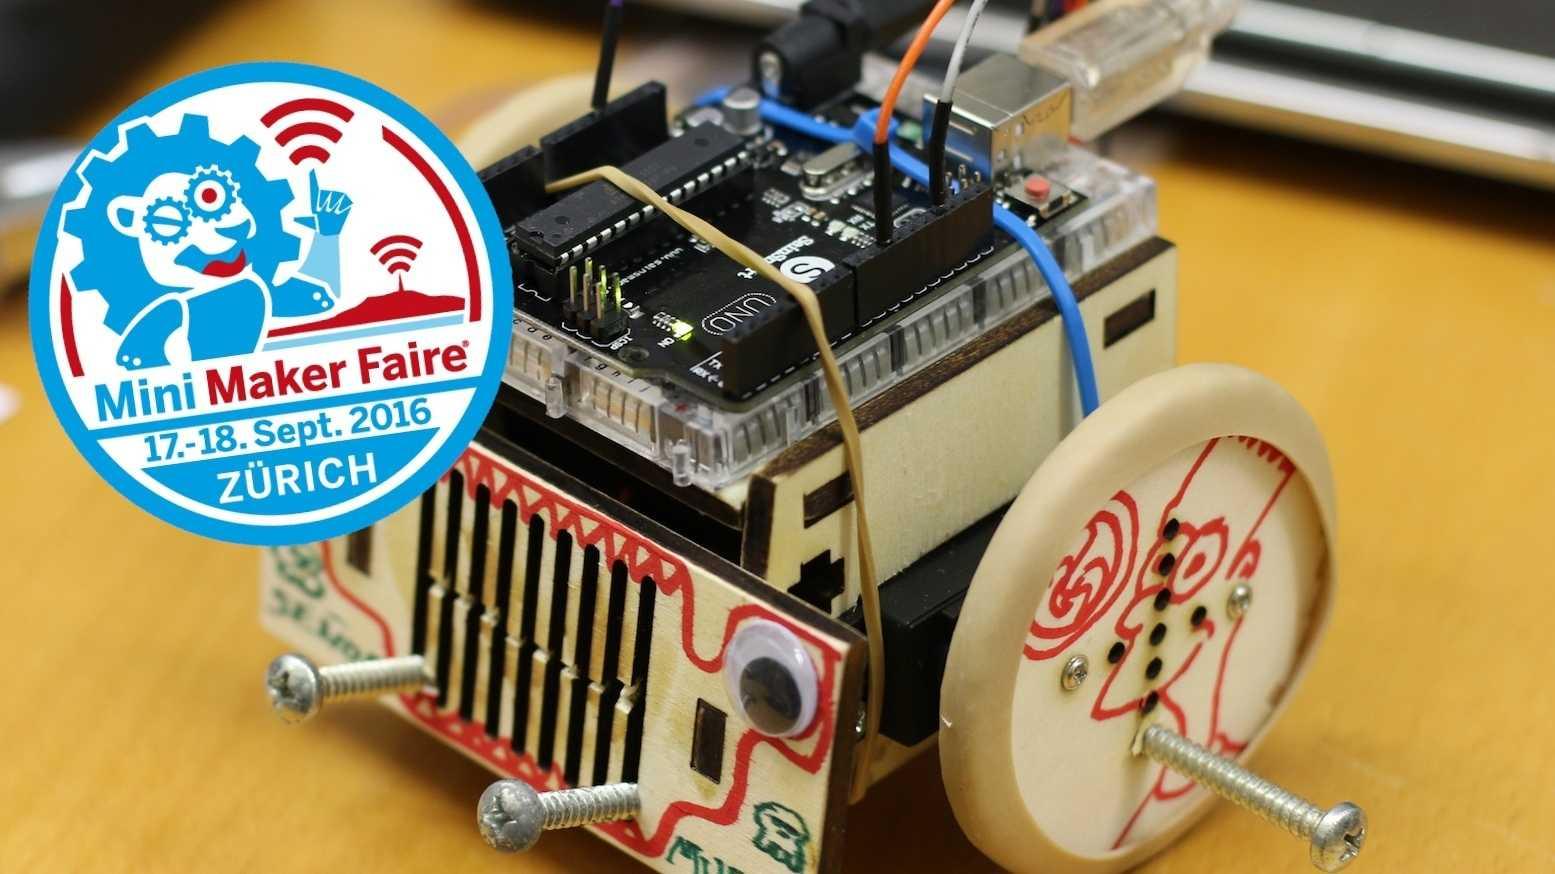 Erste Maker Faire in der Schweiz startet nächstes Wochenende in Zürich